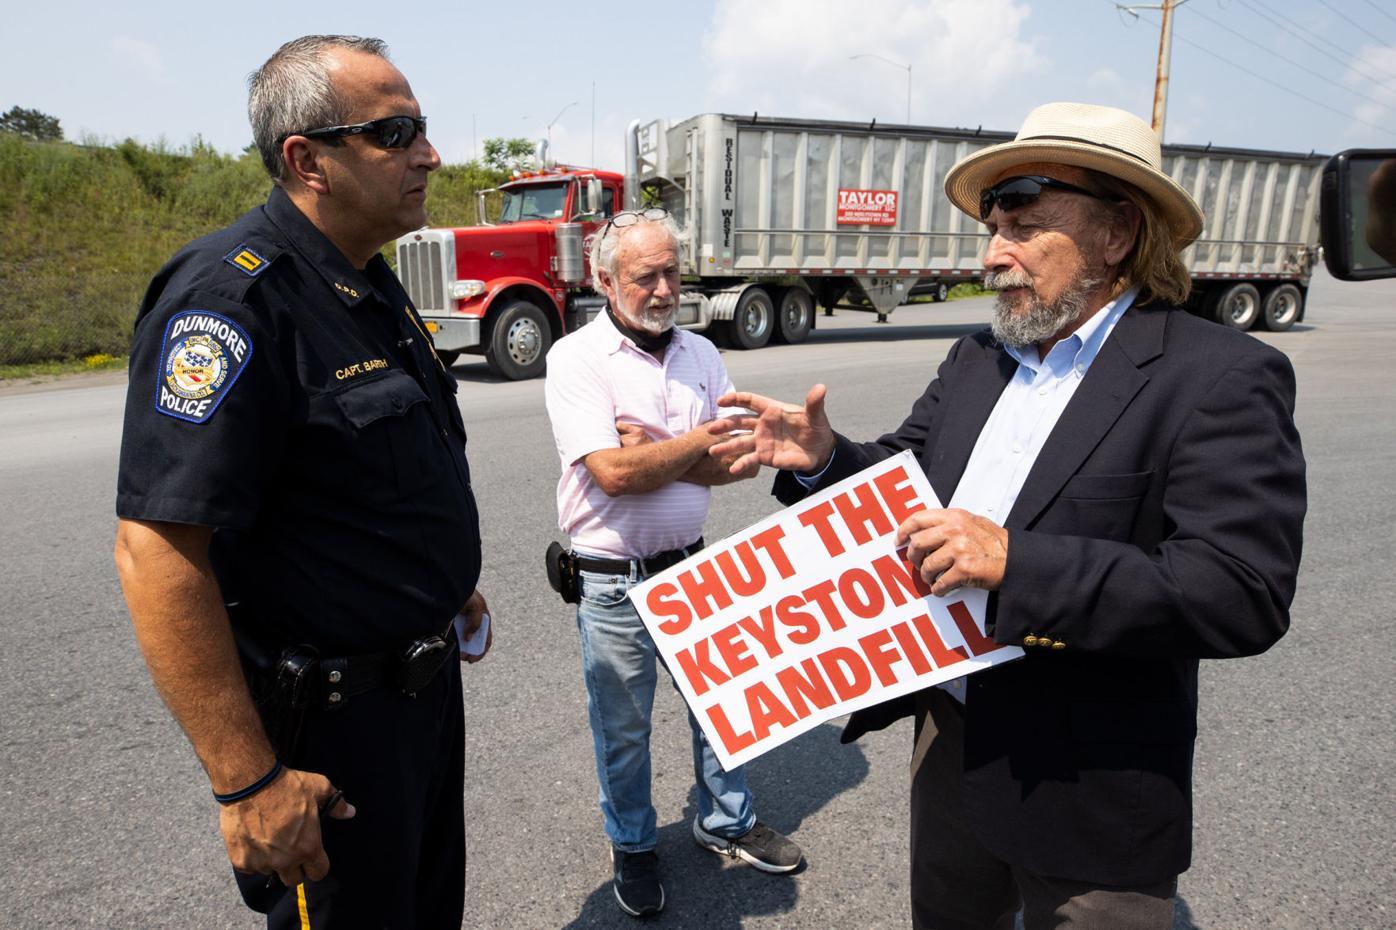 Activist Gene Stilp protests at Keystone Sanitary Landfill